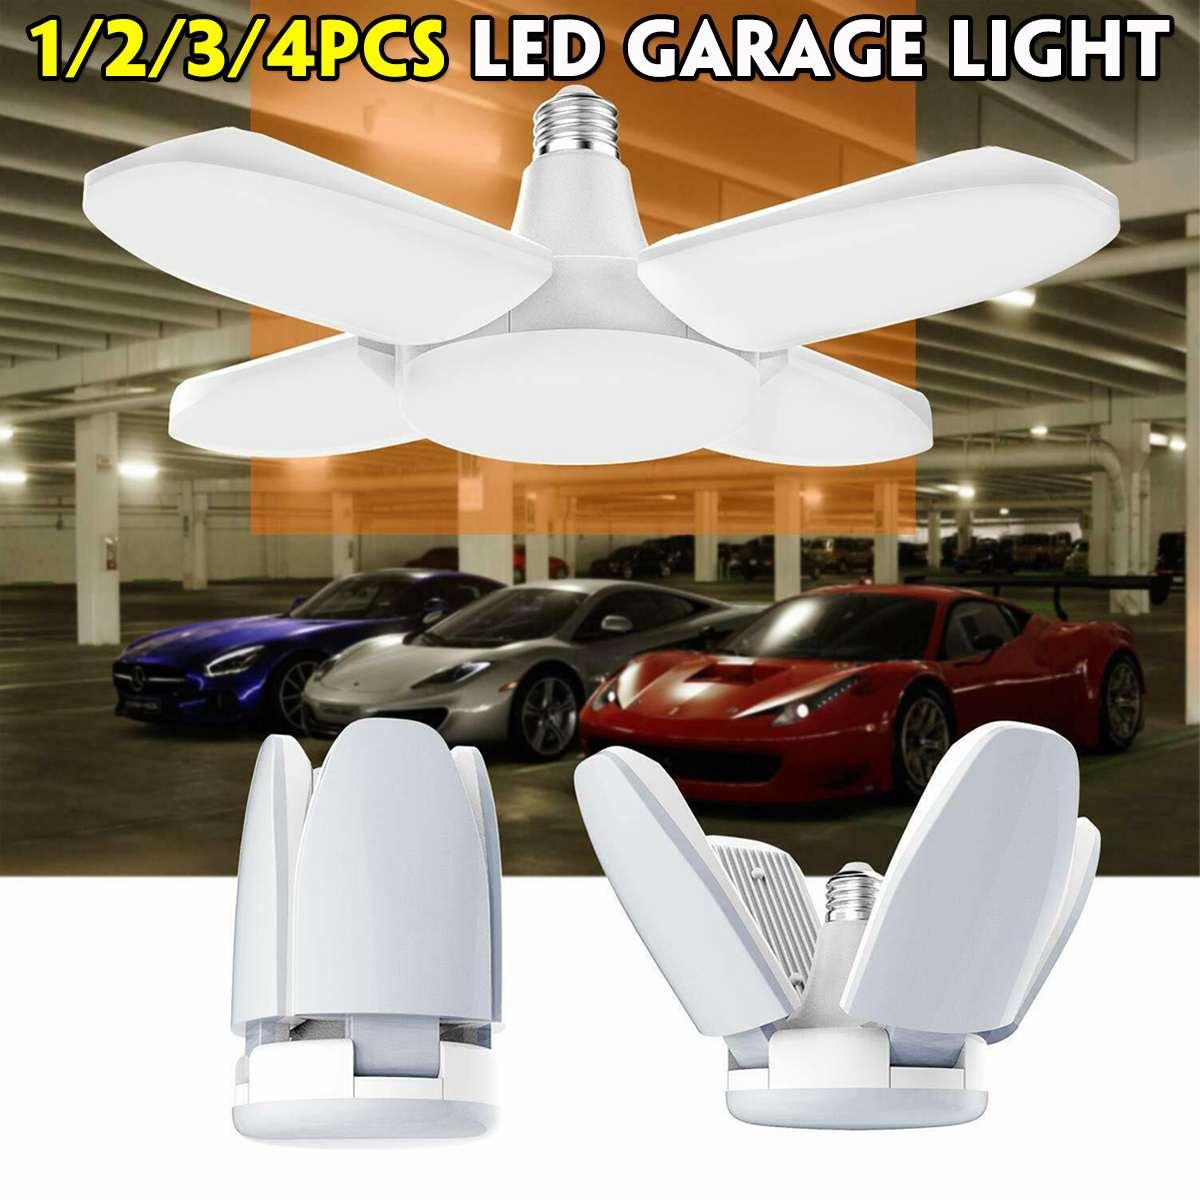 156Pcs 60W 5600LM Led Deformable Garage Light E27 85-265V Ceiling Light For Garage/Attic/ Basement/Home LED Lamp